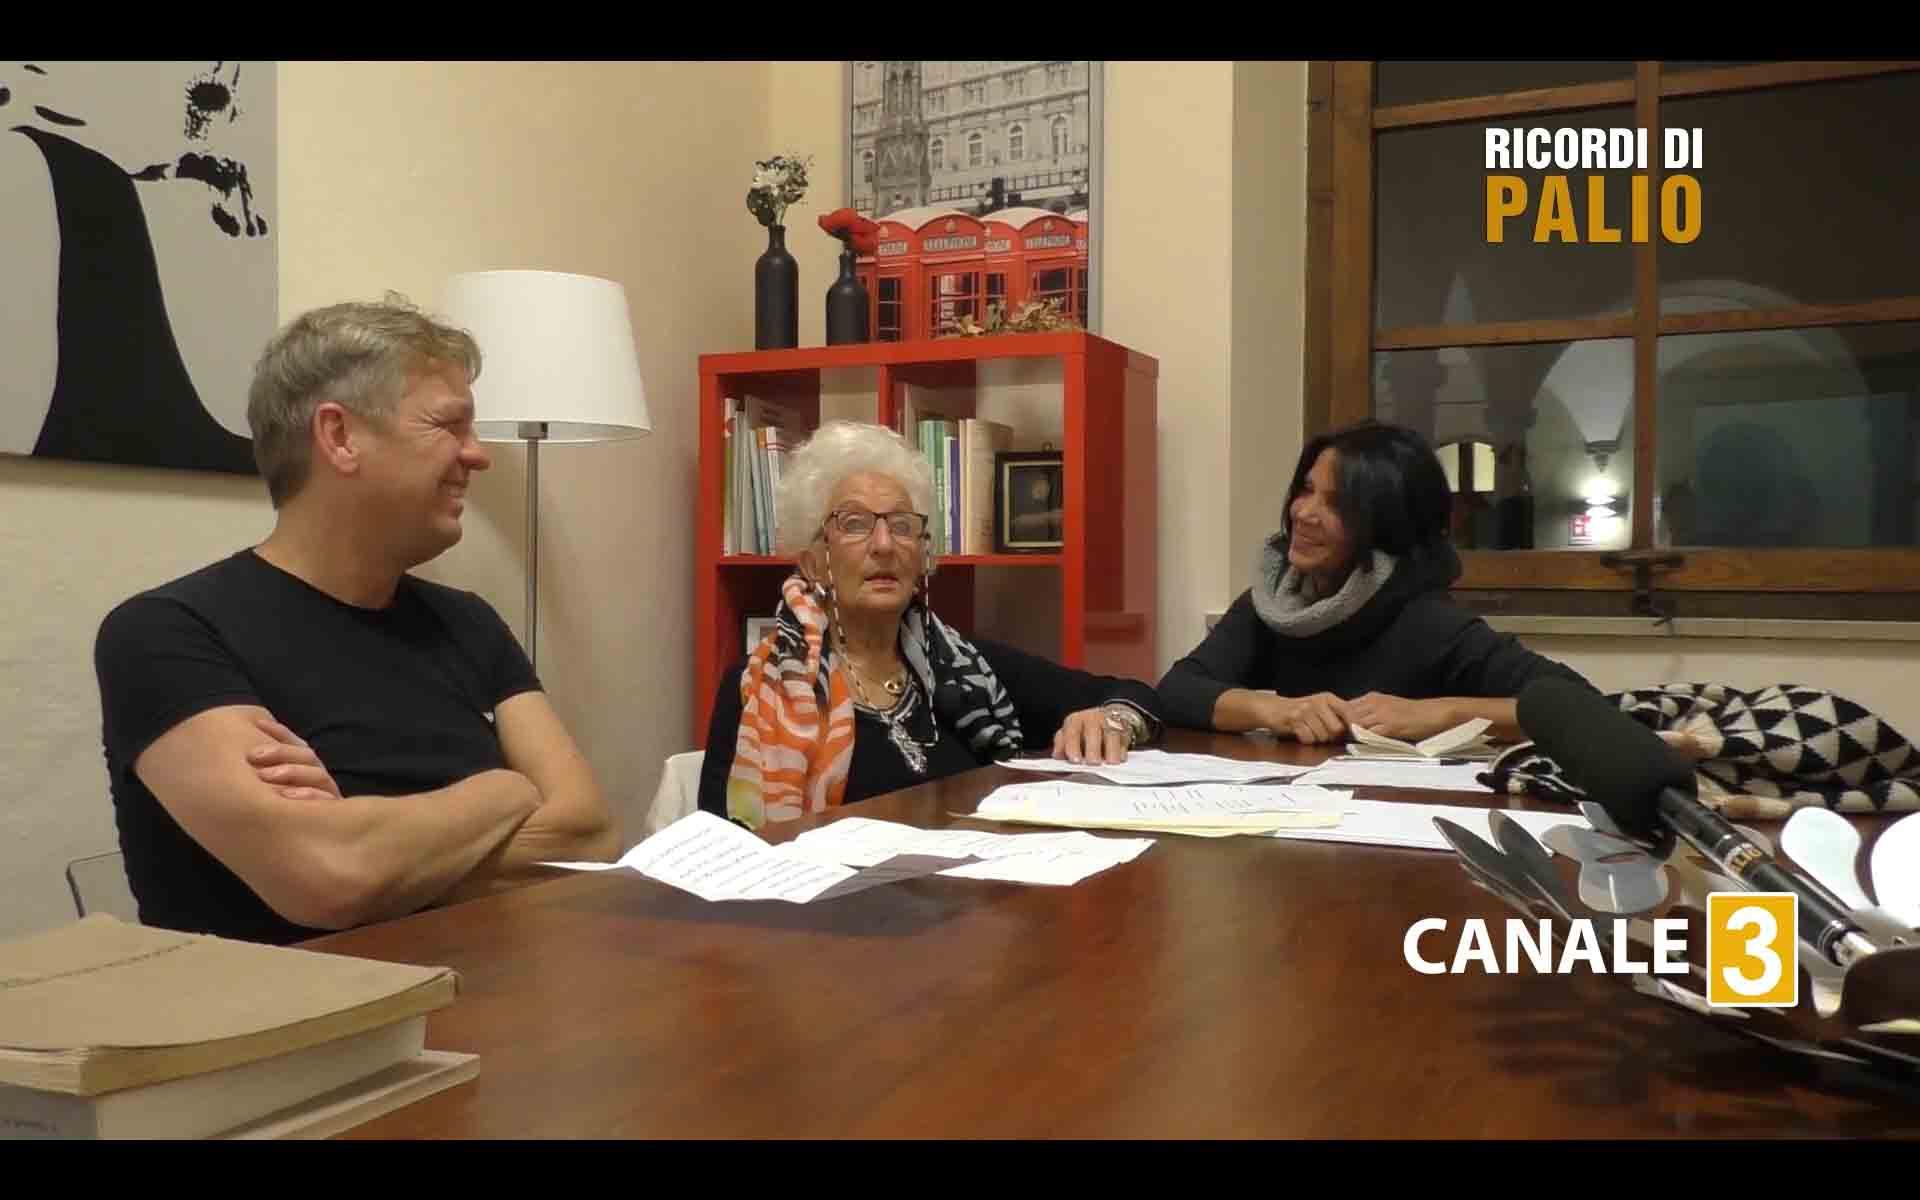 marisa bertini durante la registrazione della puntata di Ricordi di Palio insieme a Cecilia Rigacci e a Massimiliano Senesi